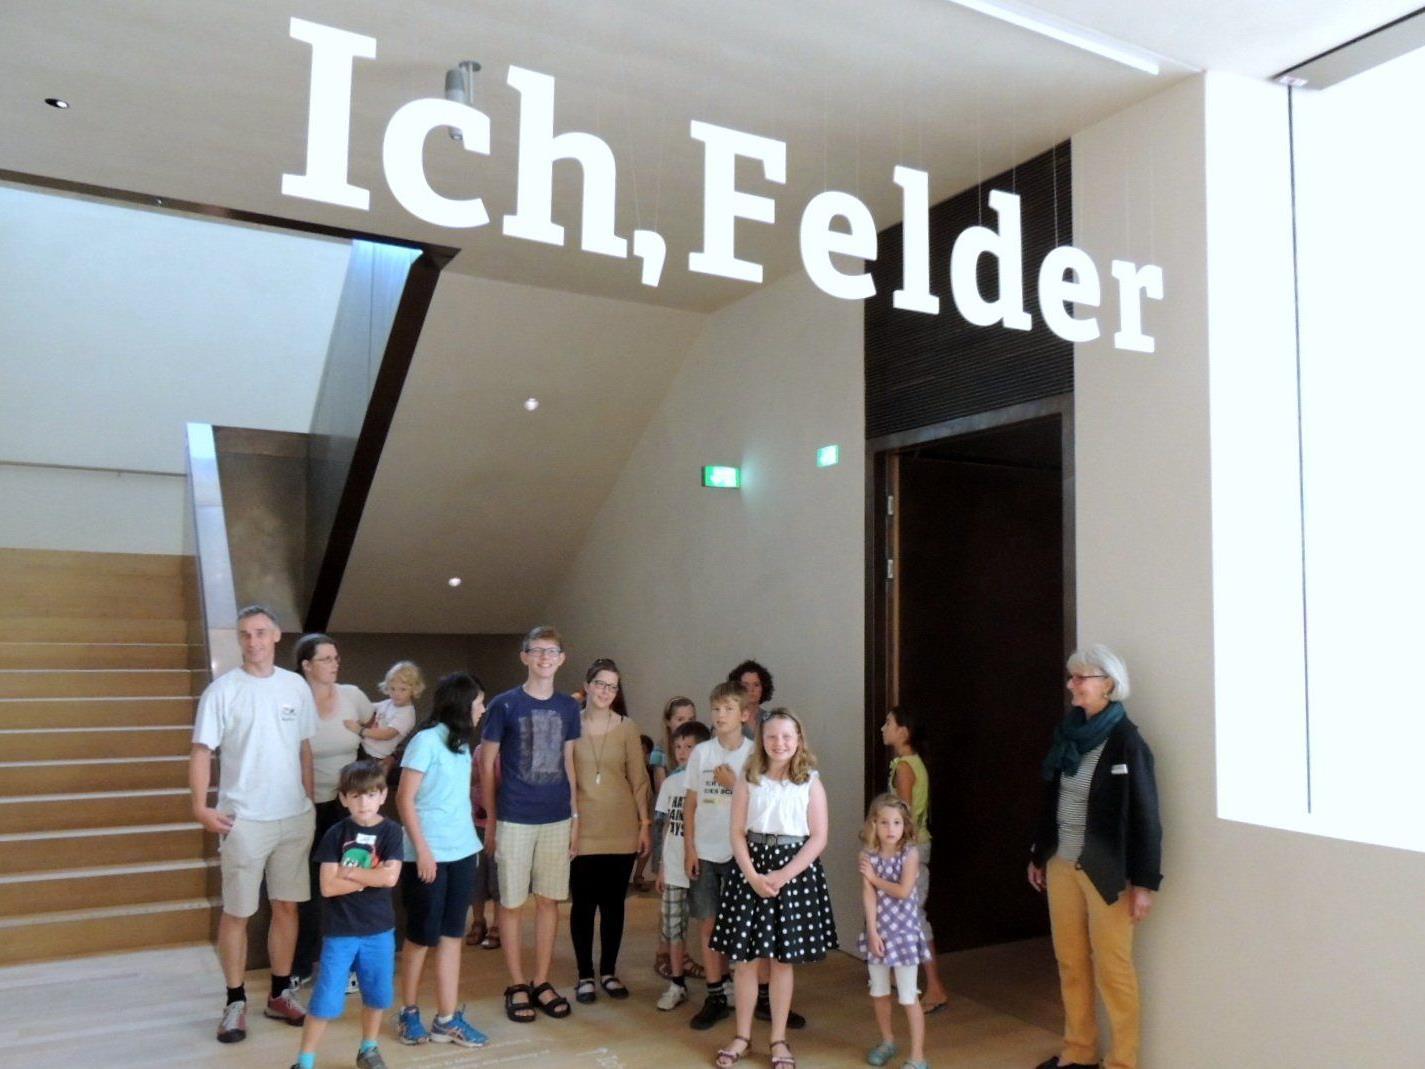 Hausführung zur Franz Michael Felder Ausstellung